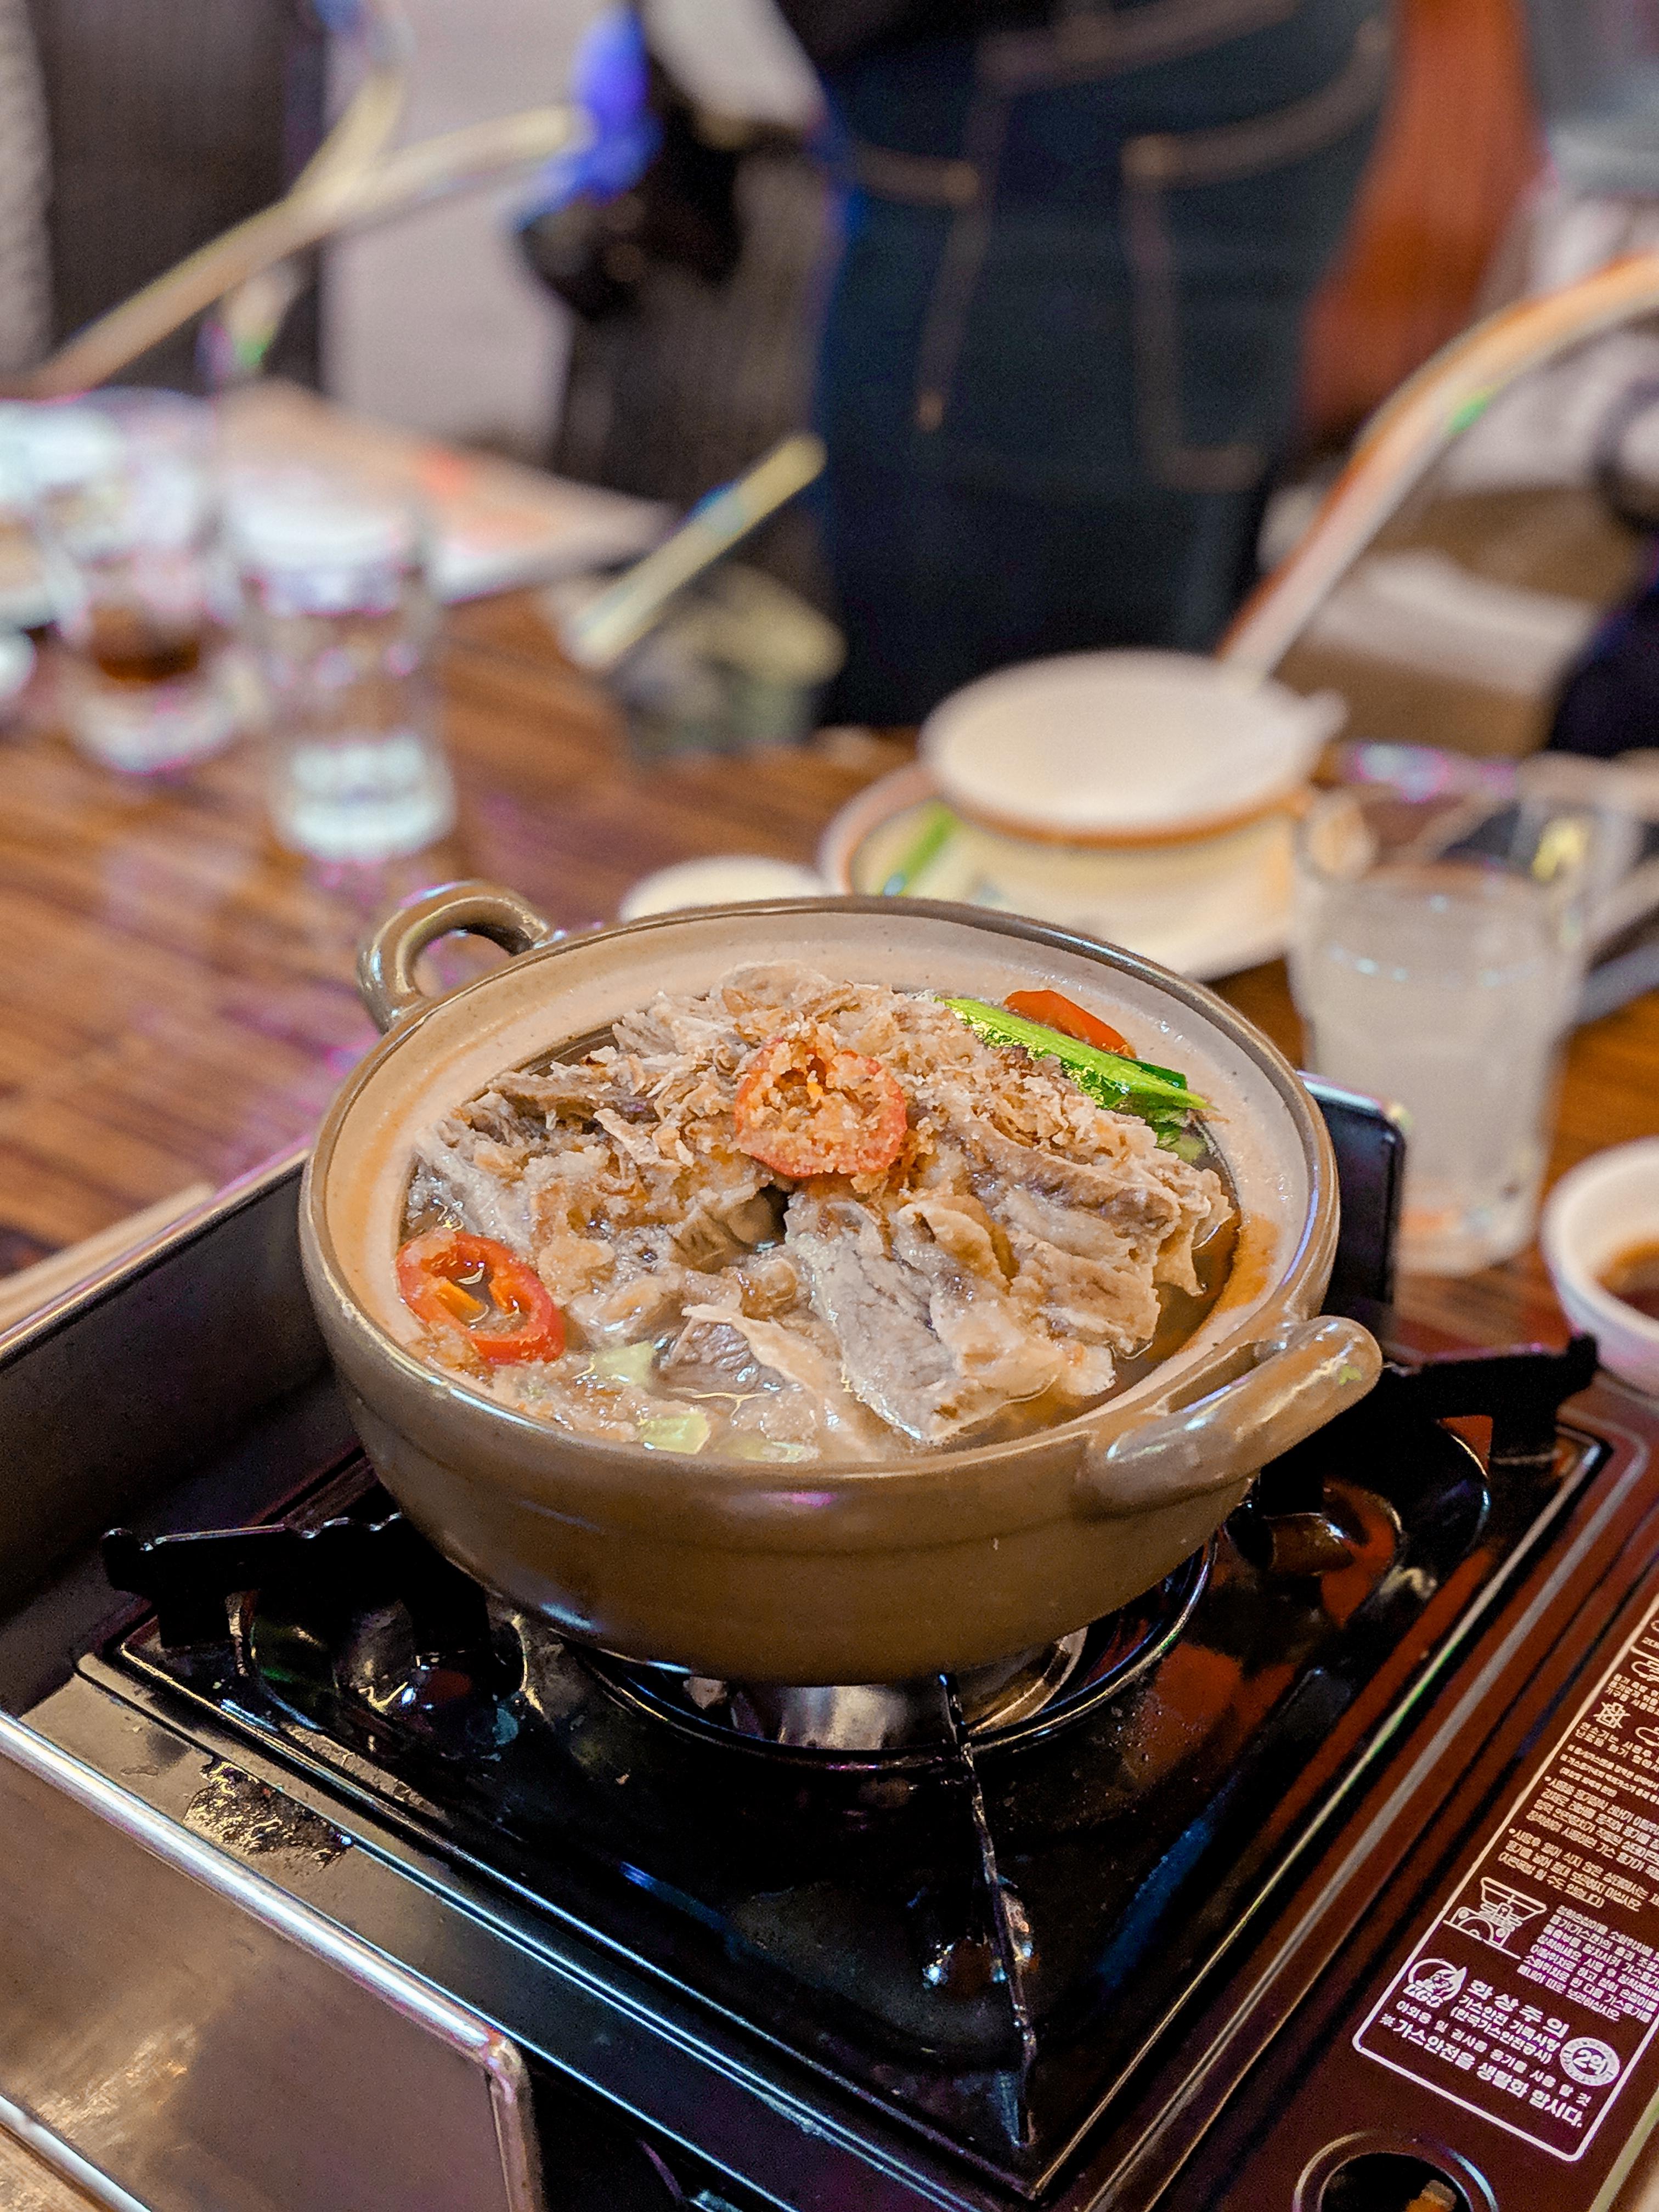 4.Lei Ka Choi Hot Pot at Broadway Macao's Hot Pot sensation